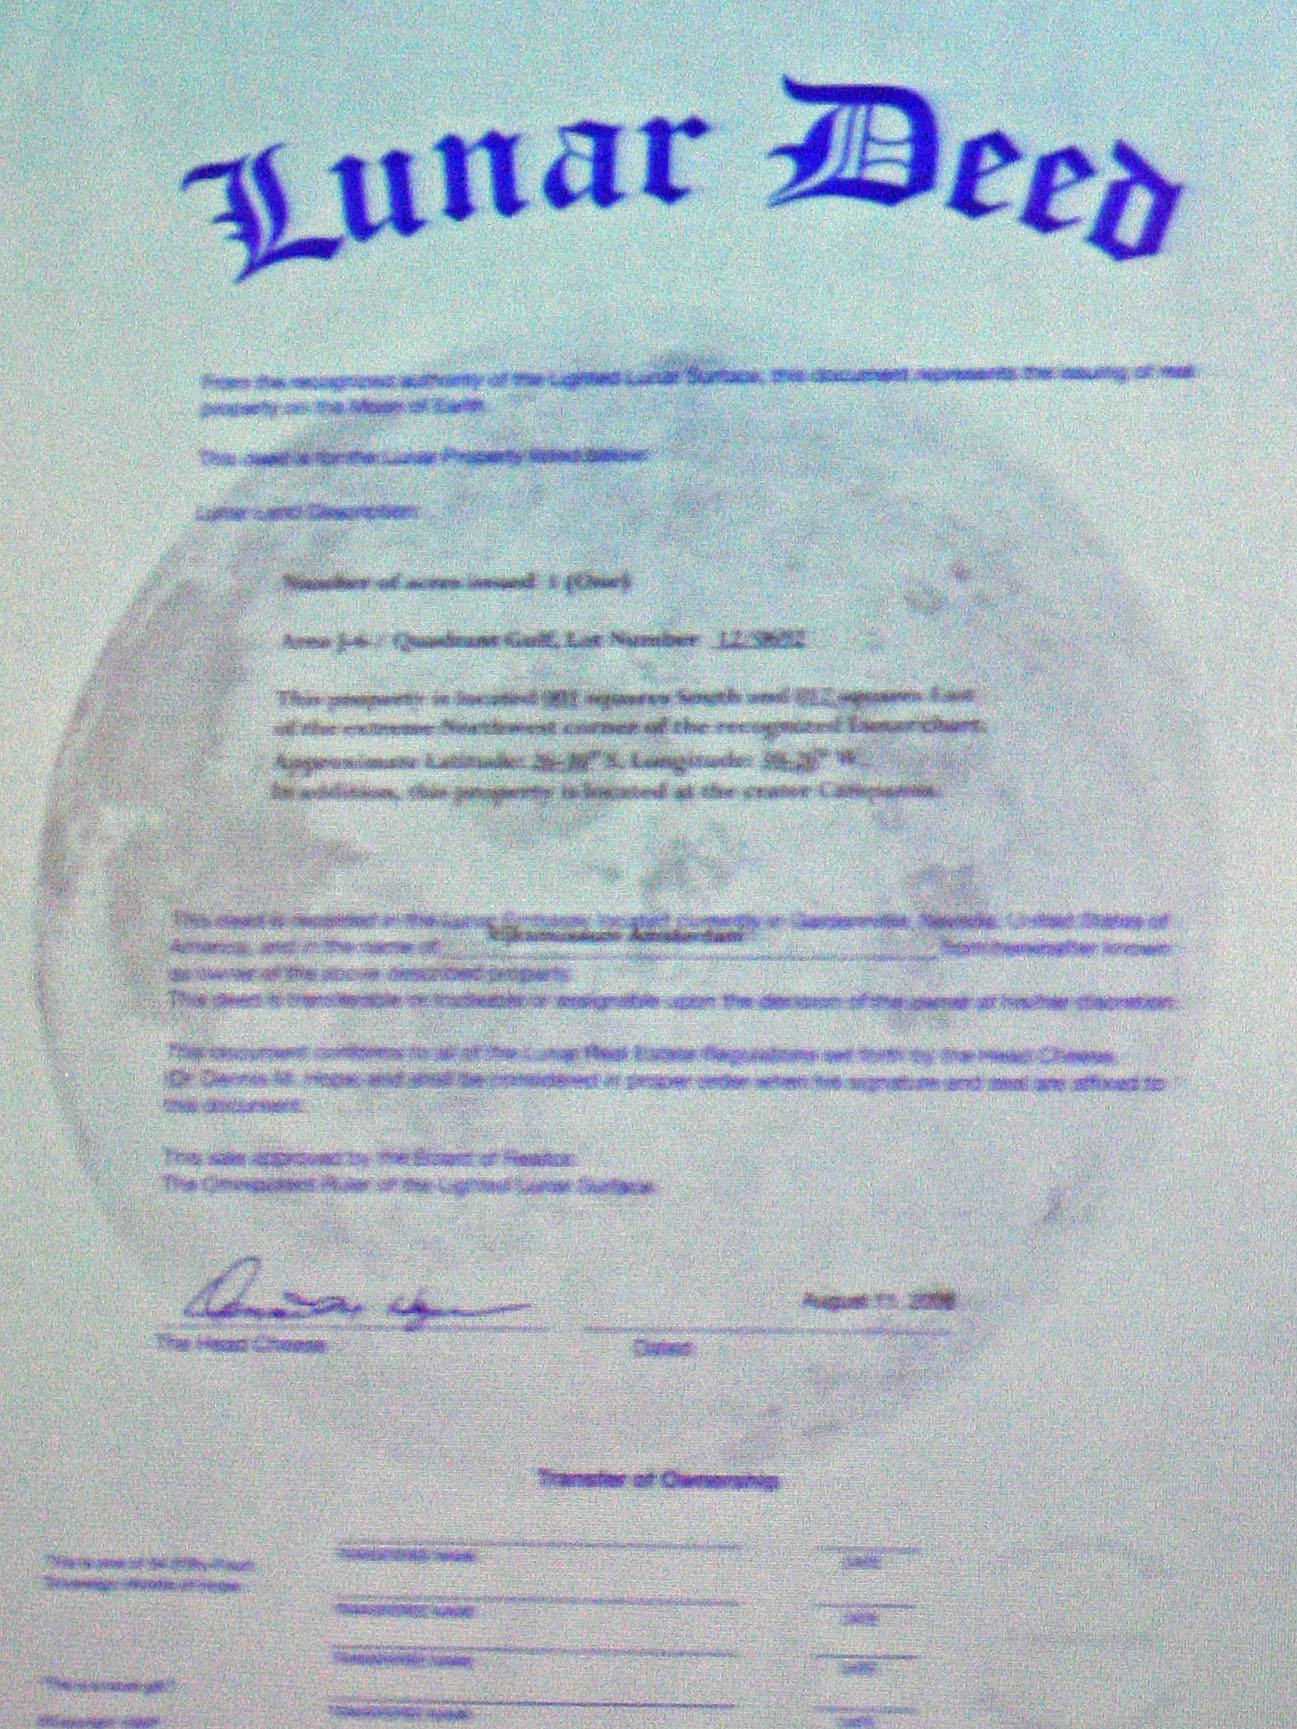 lunar deed